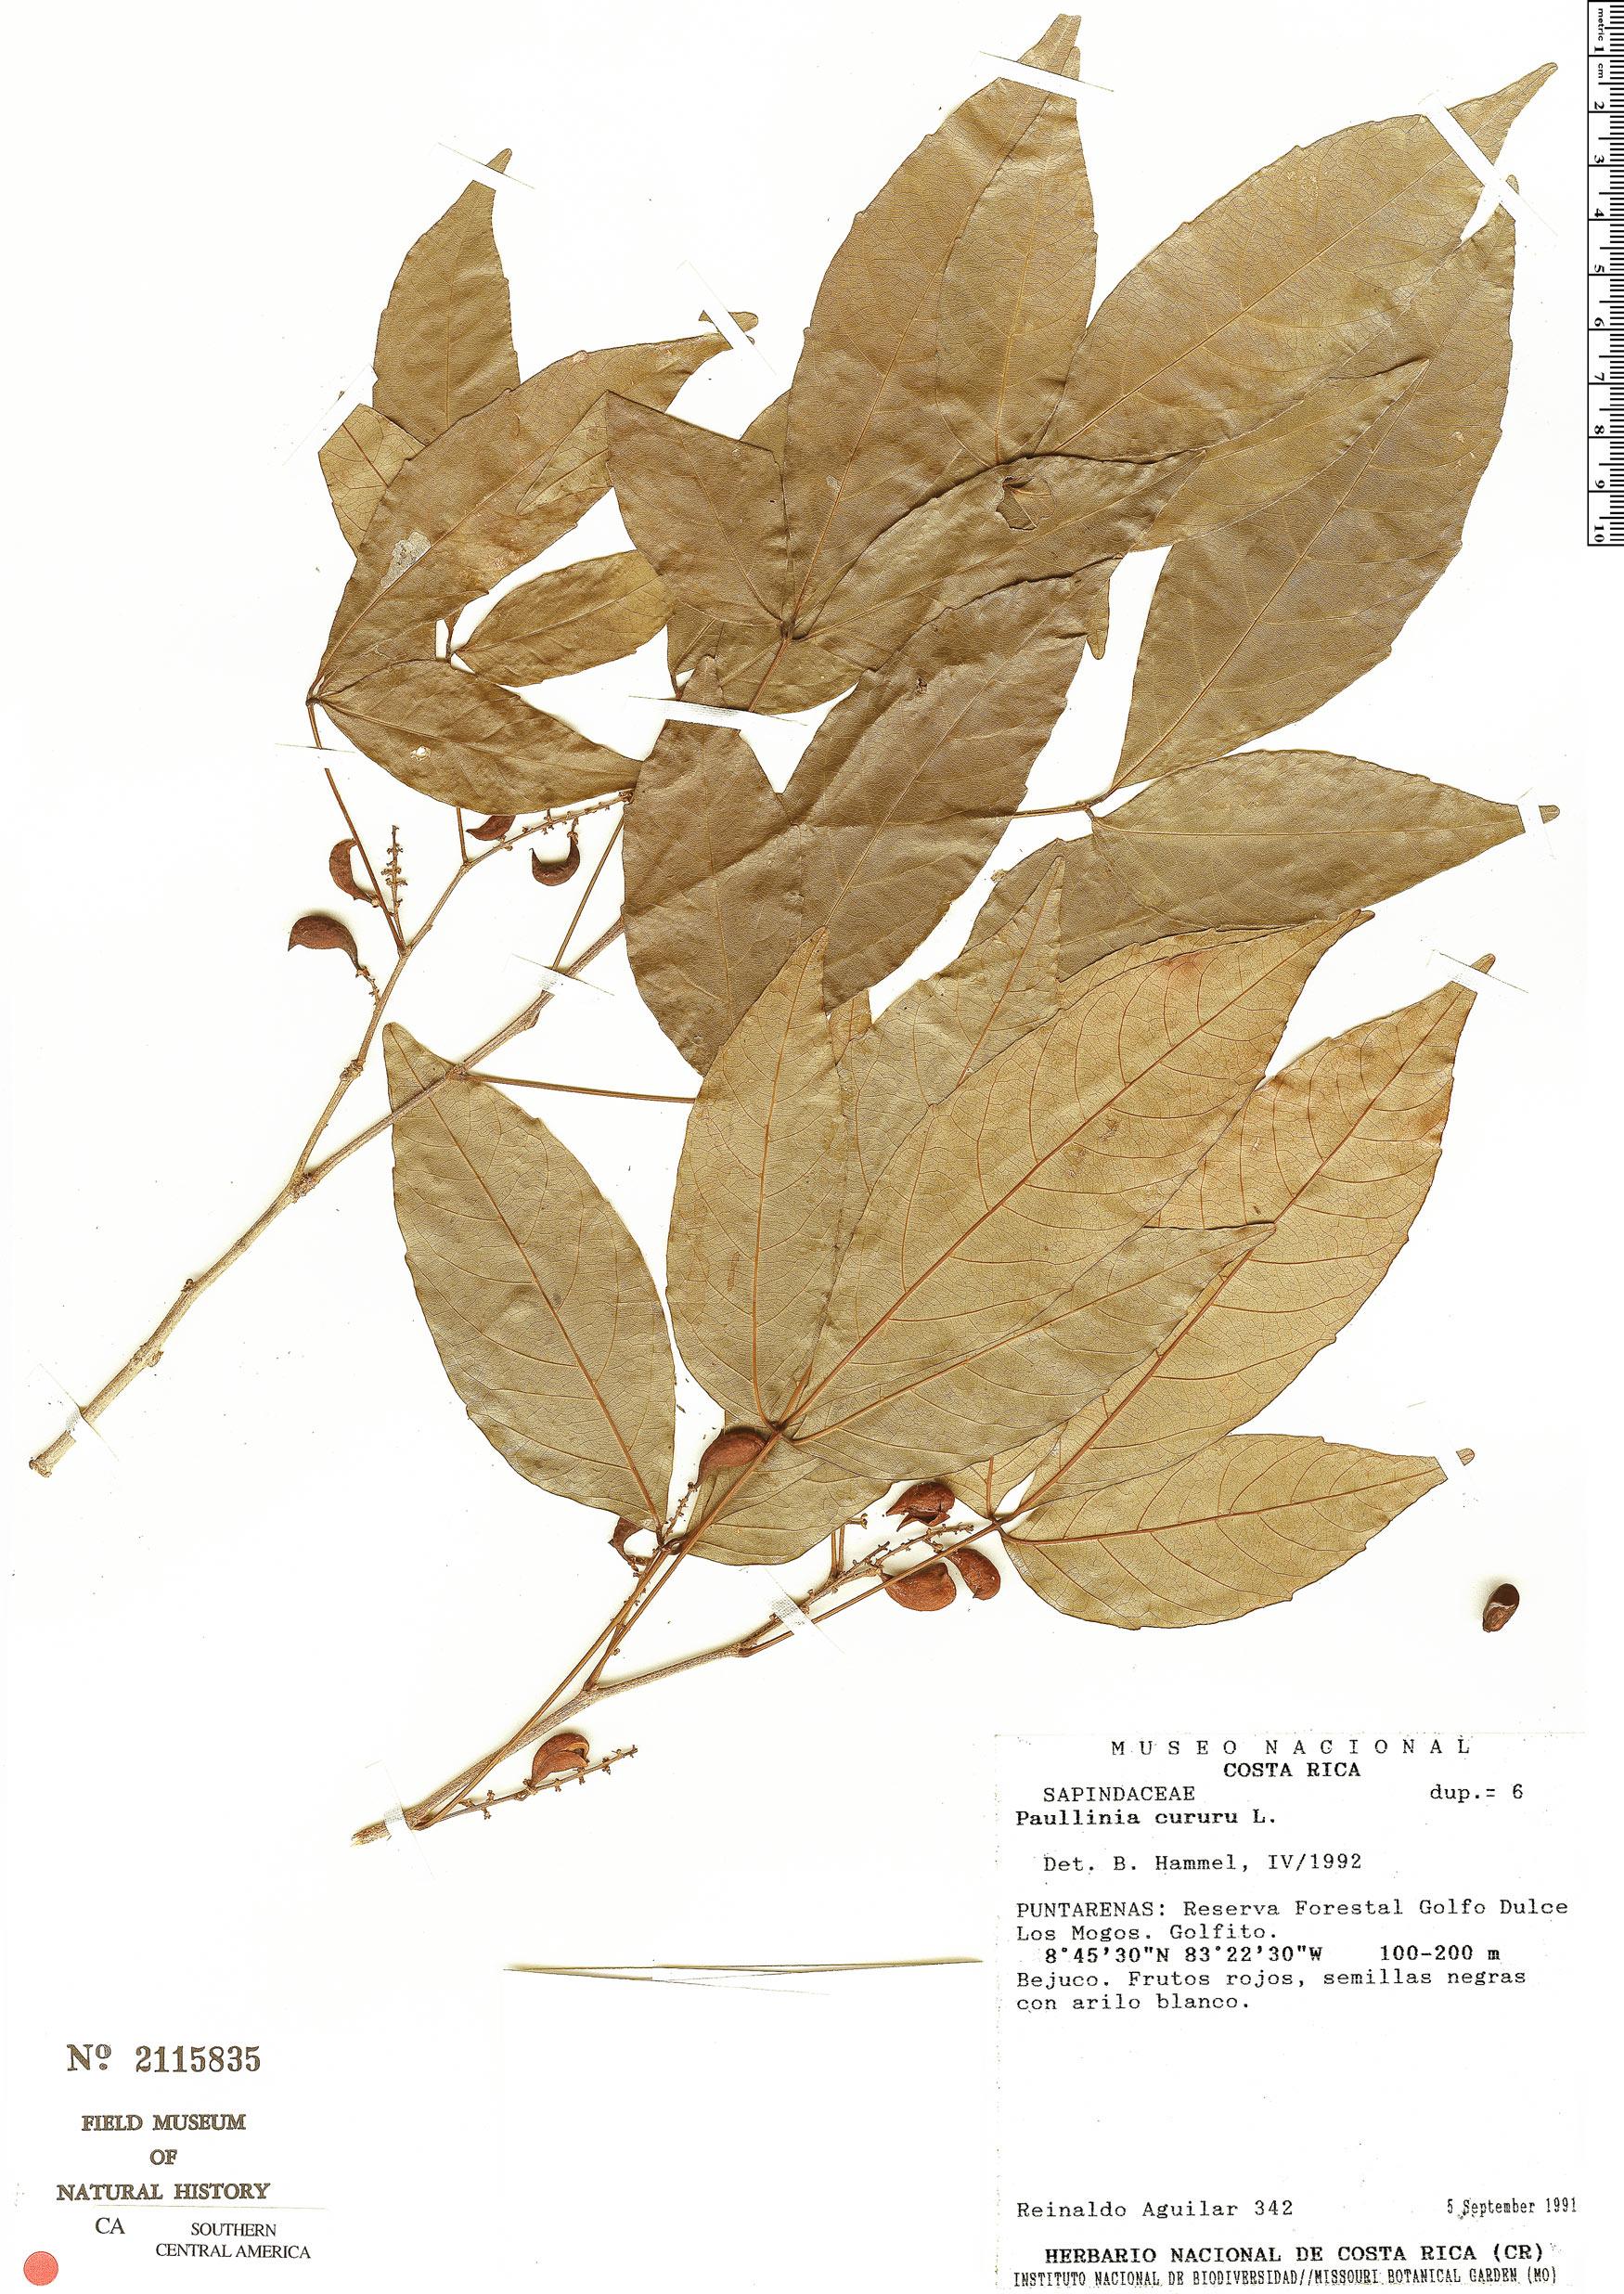 Specimen: Paullinia cururu